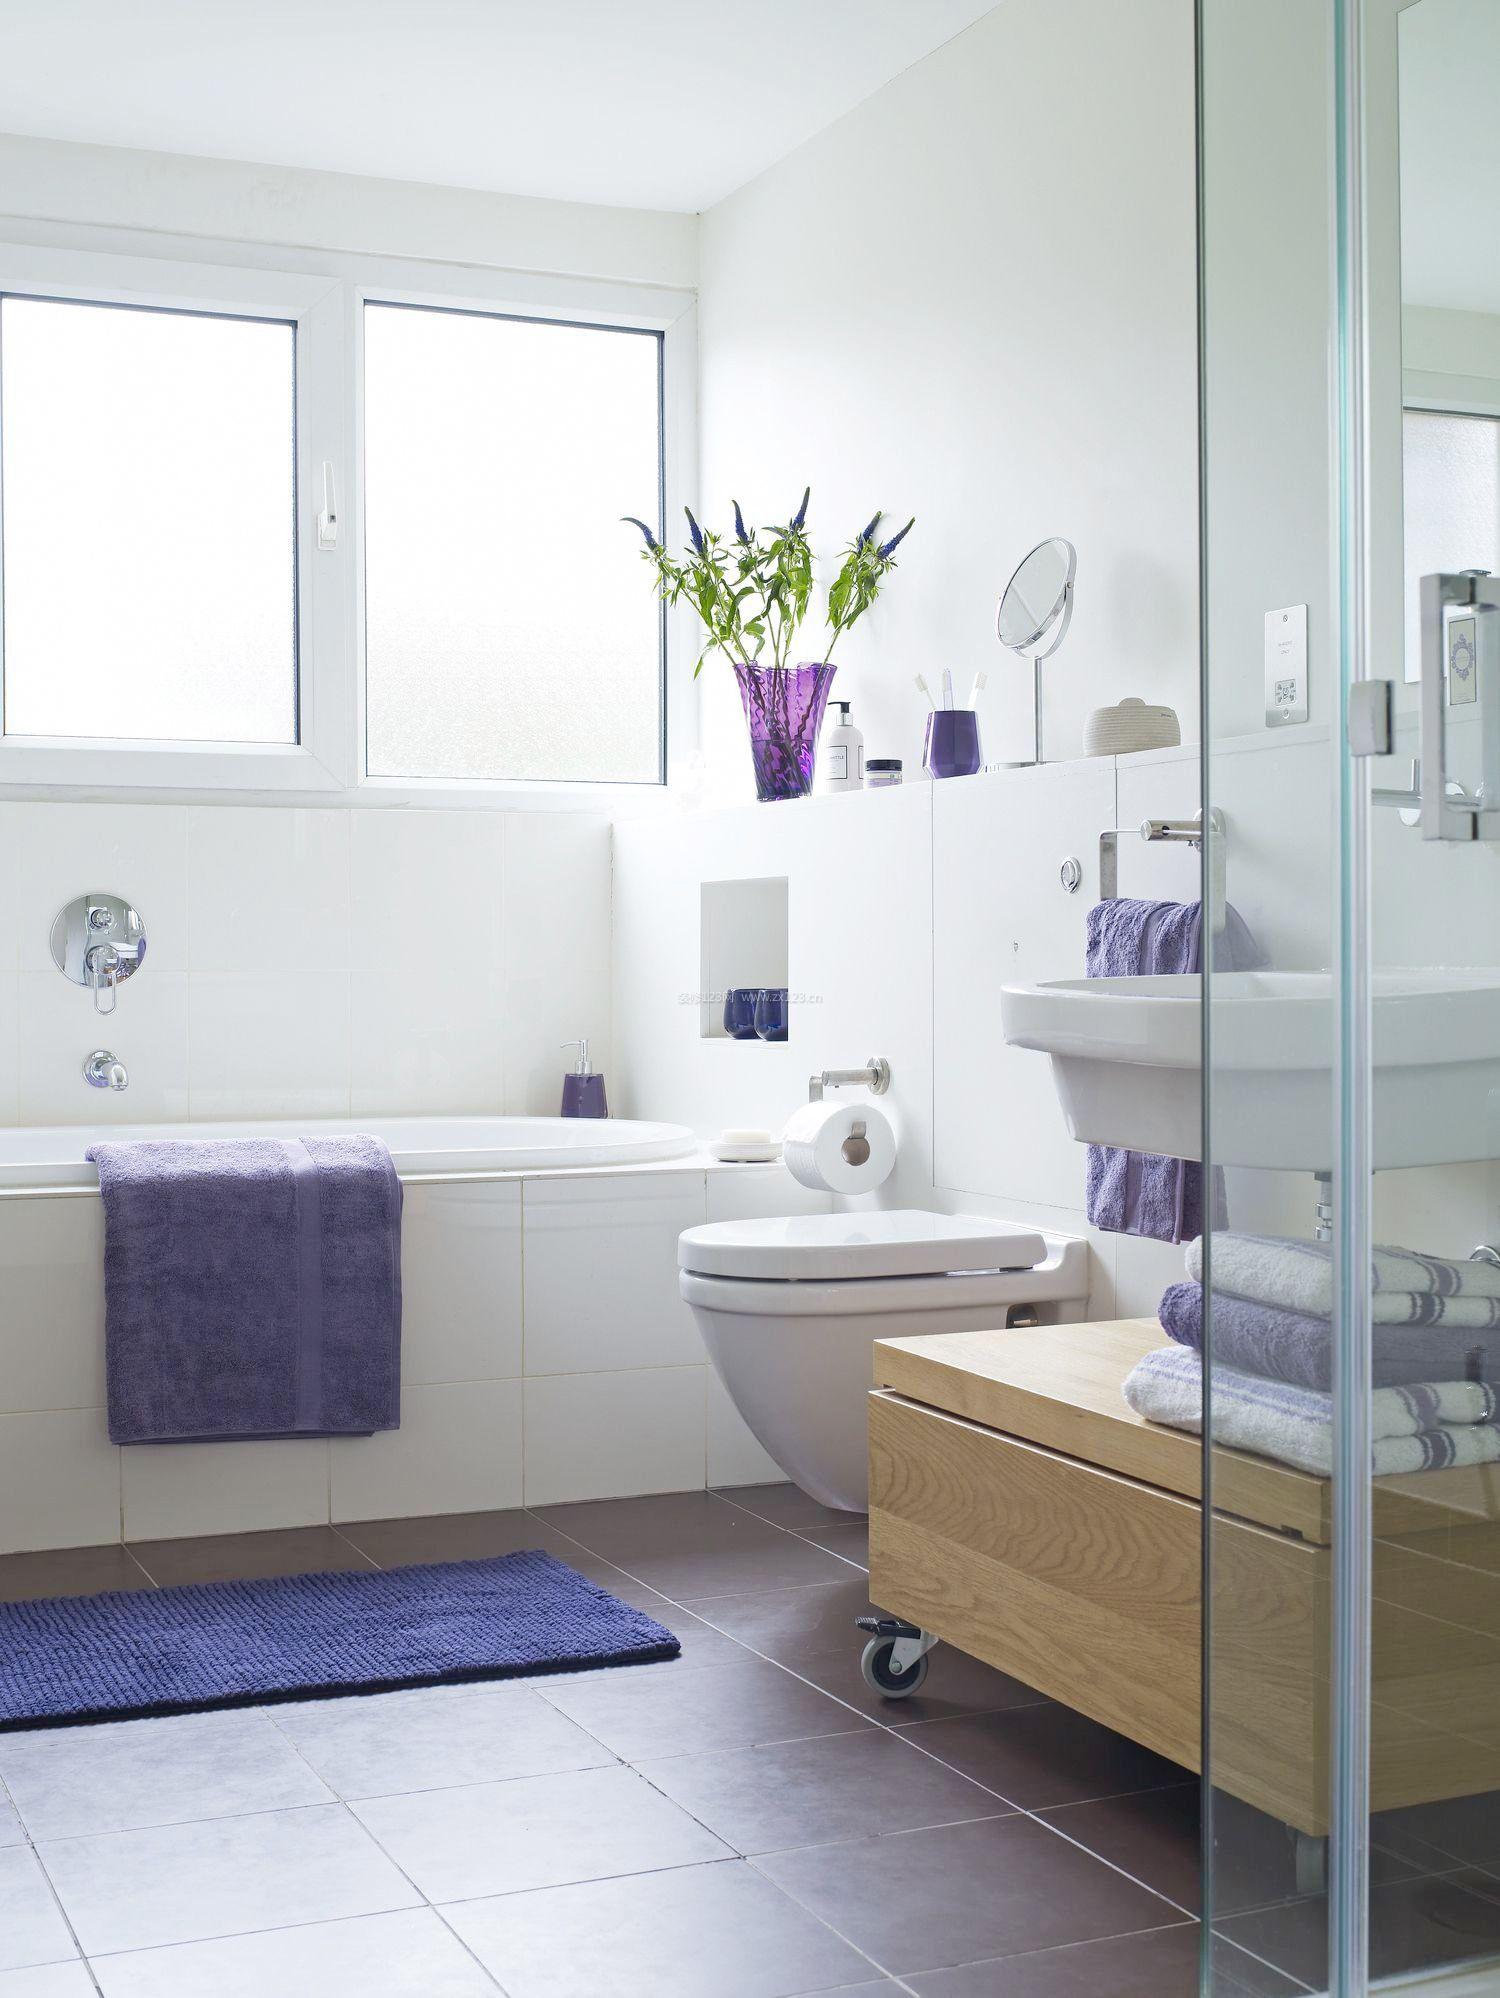 4平米正方形家庭卫生间浴室装修效果图